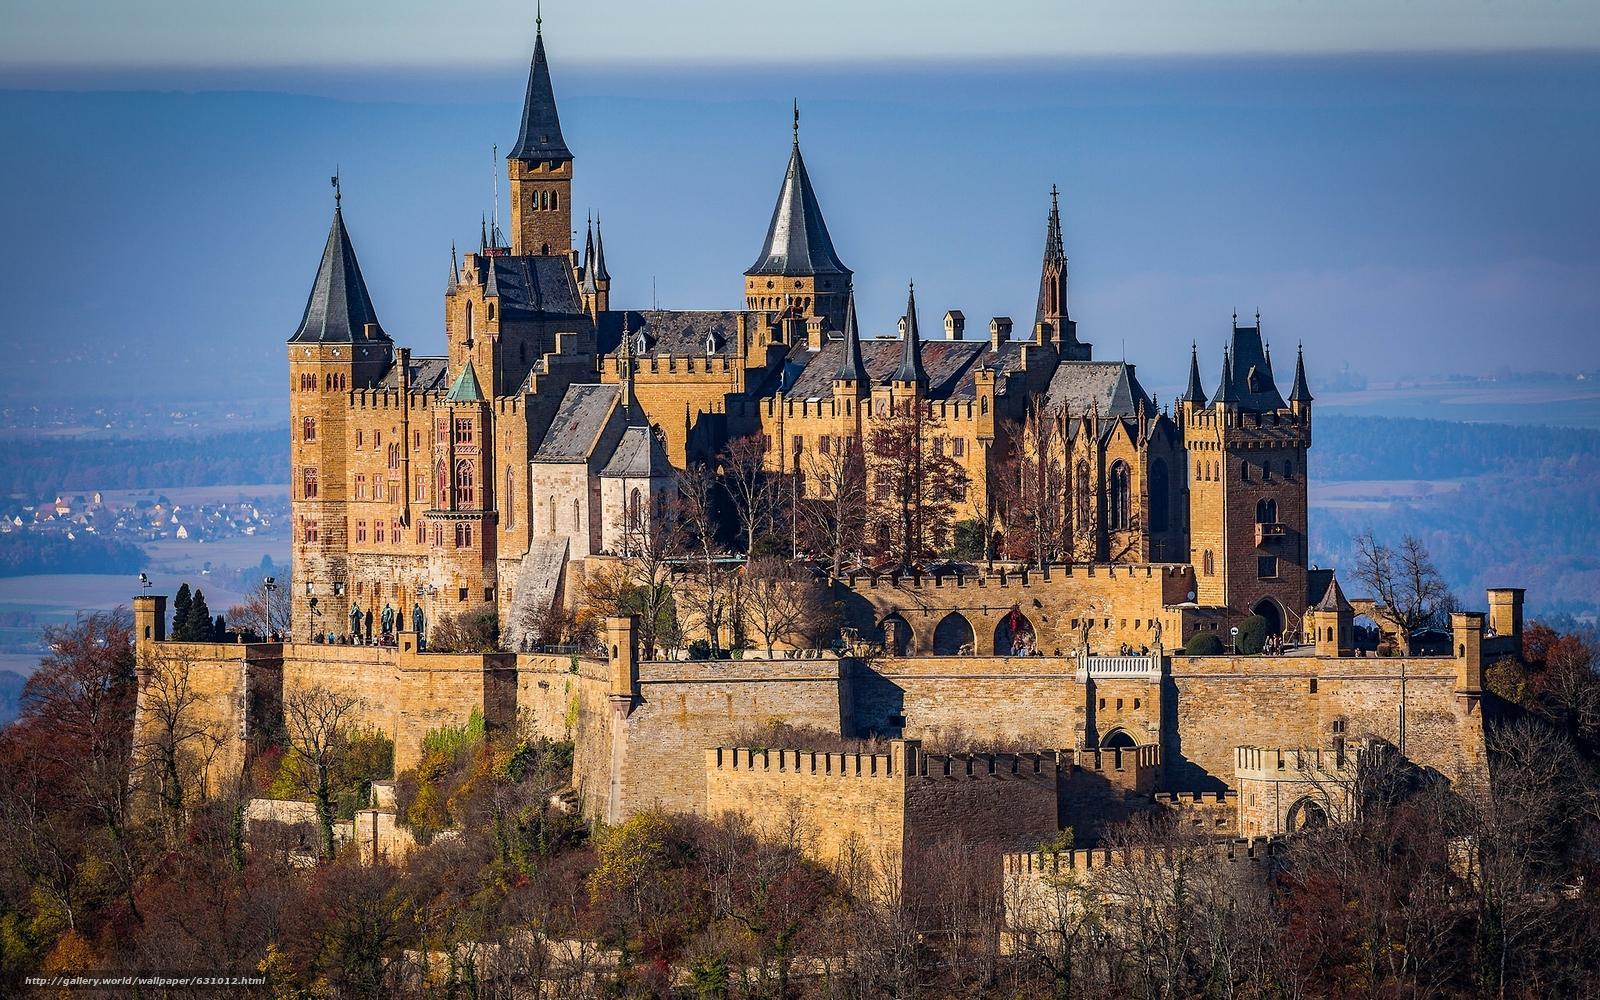 欧洲有哪些非常值得一去的城堡? 知乎